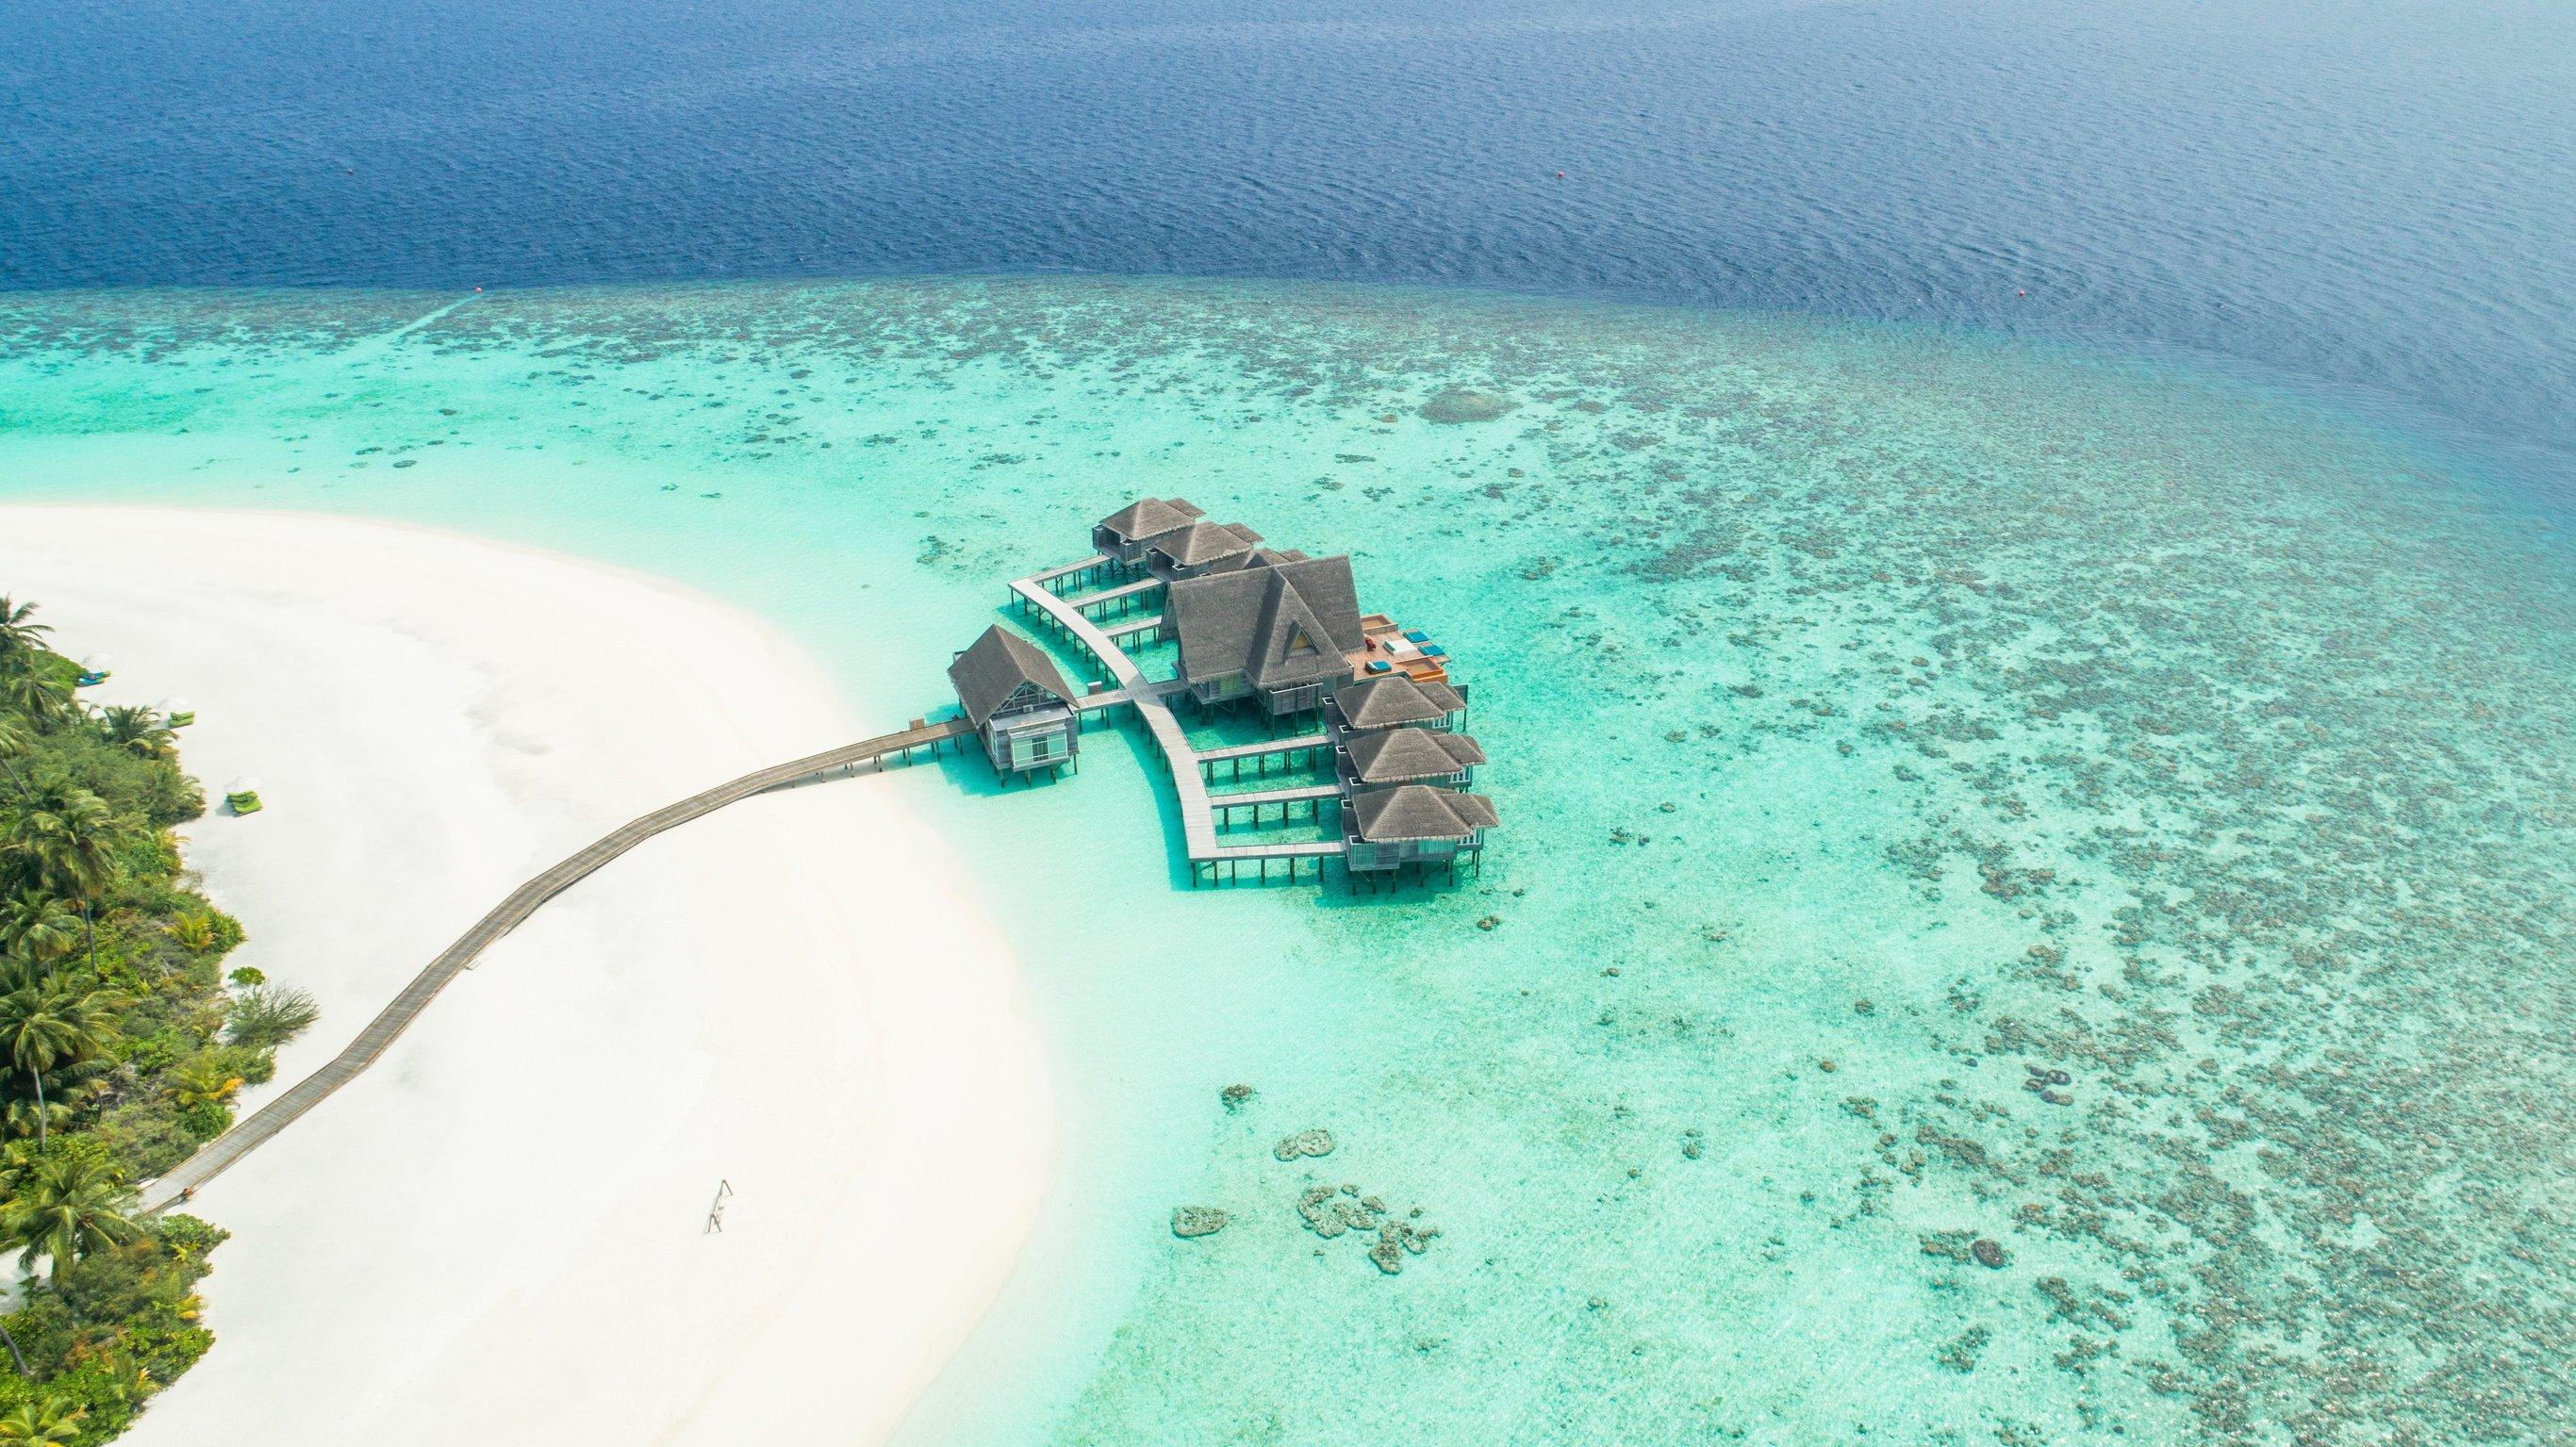 Sri Lanka & The Maldives